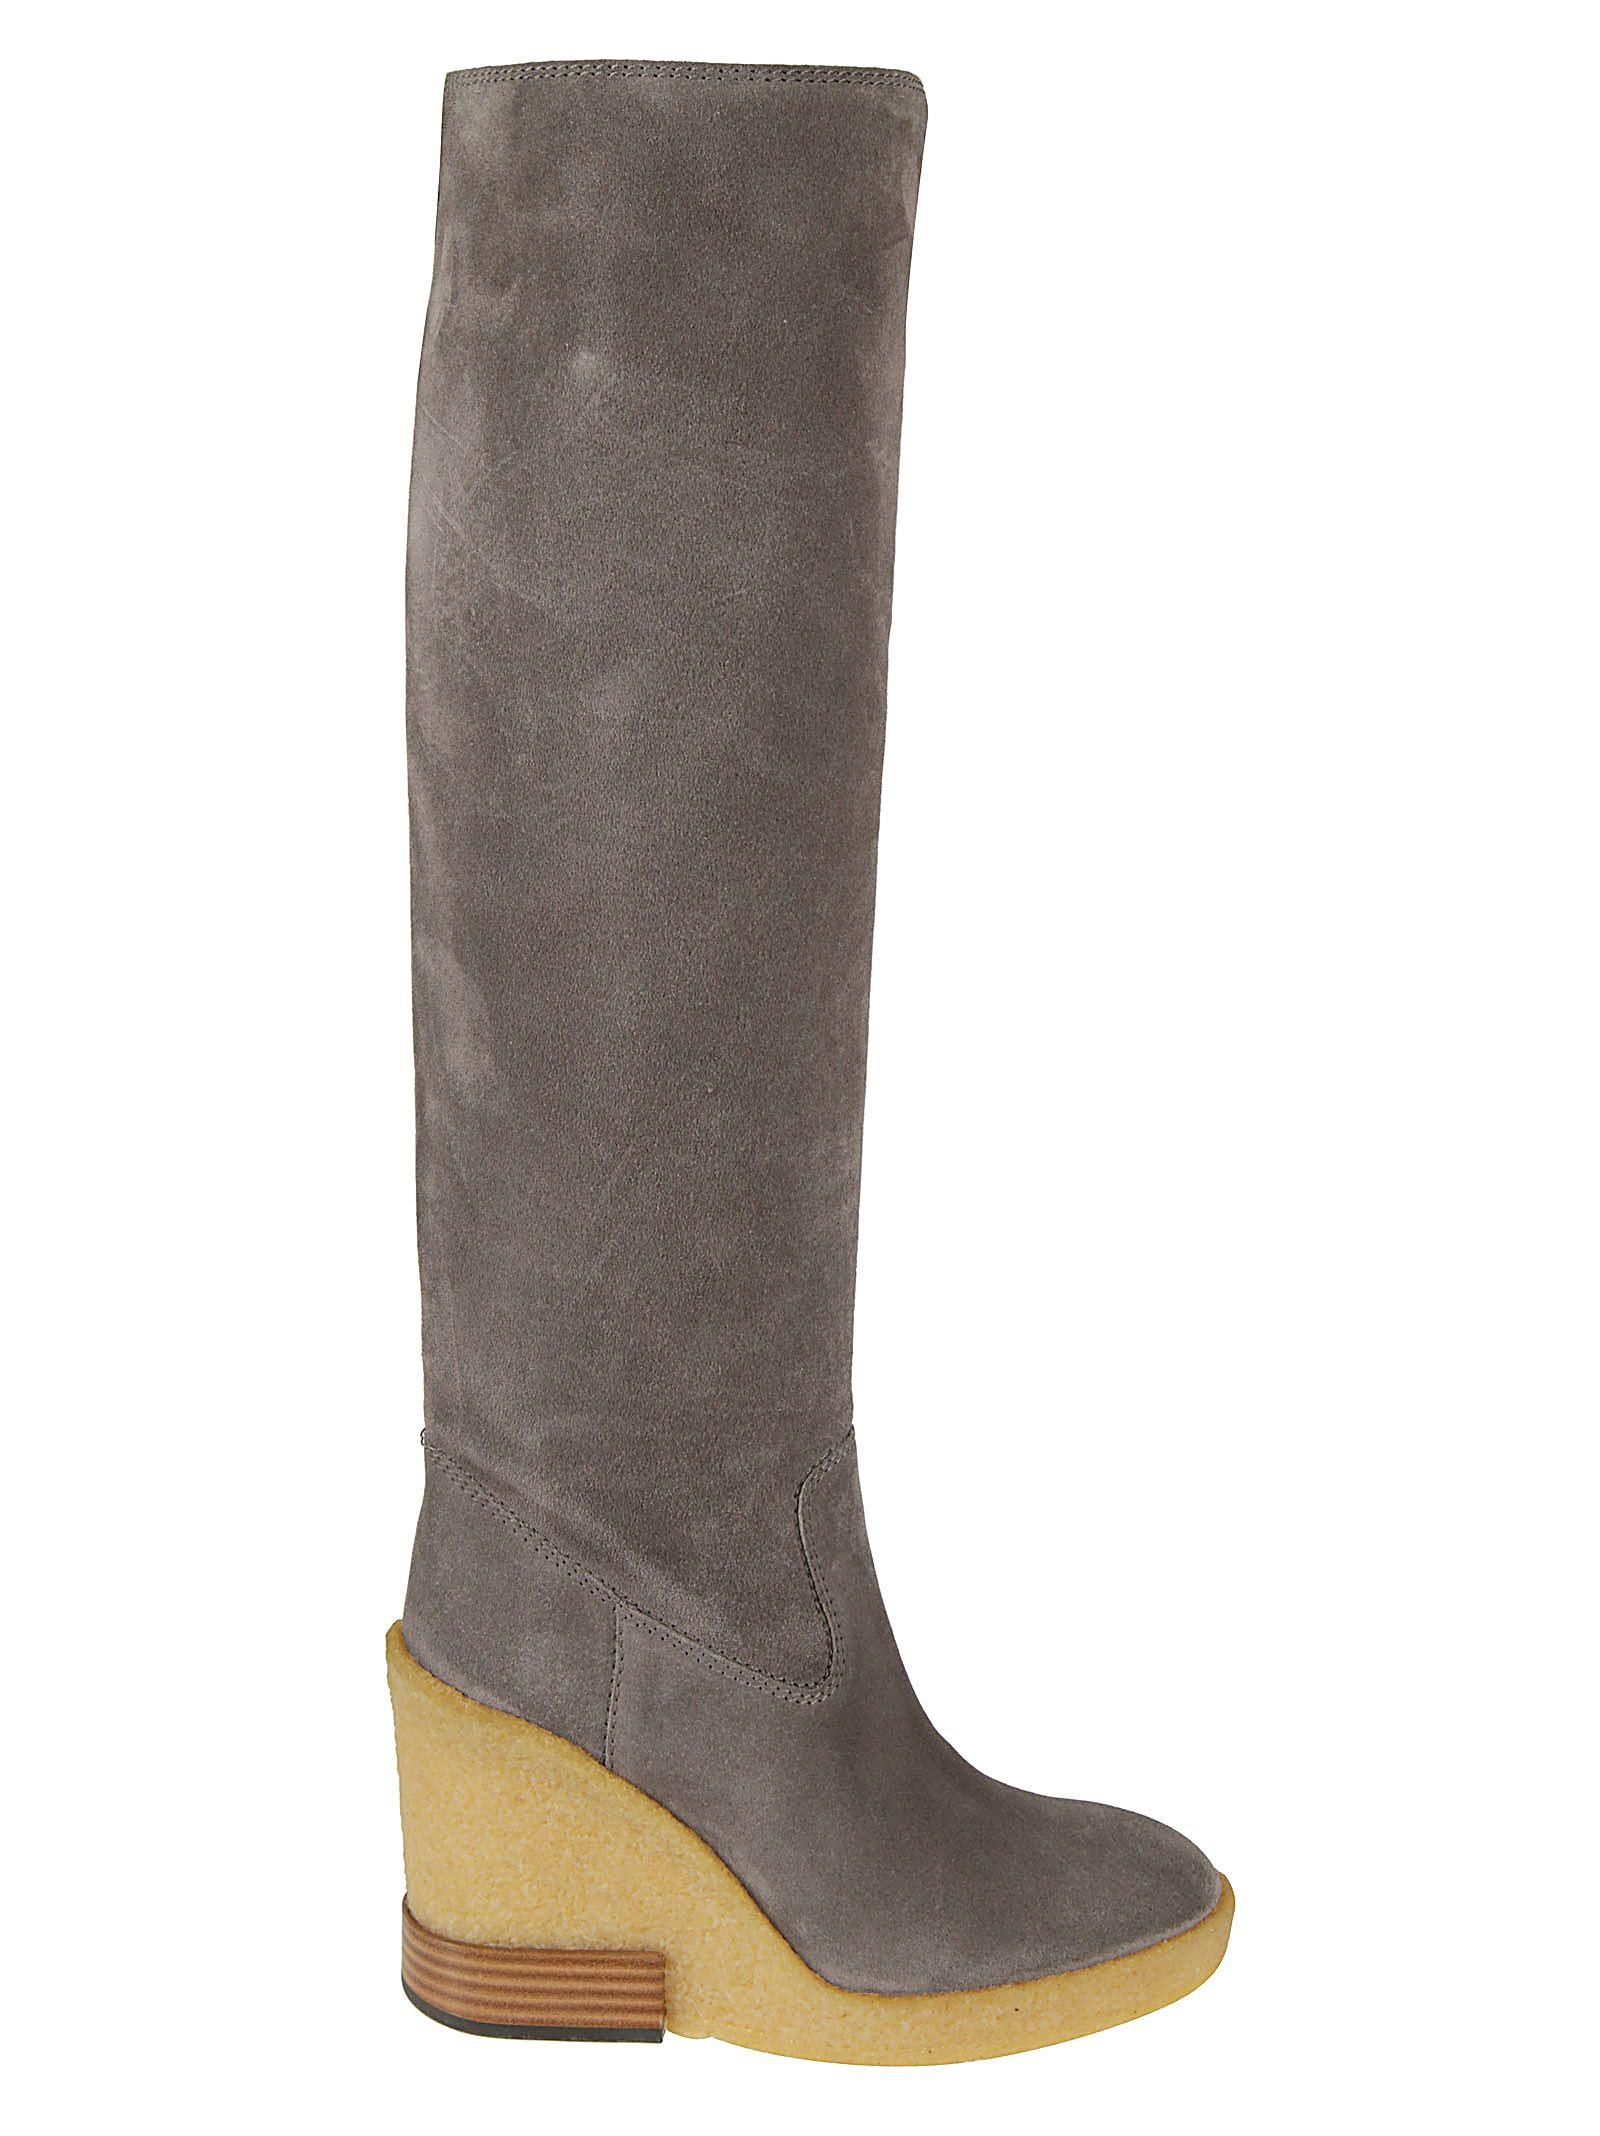 Wedge Heel Boots in Grey